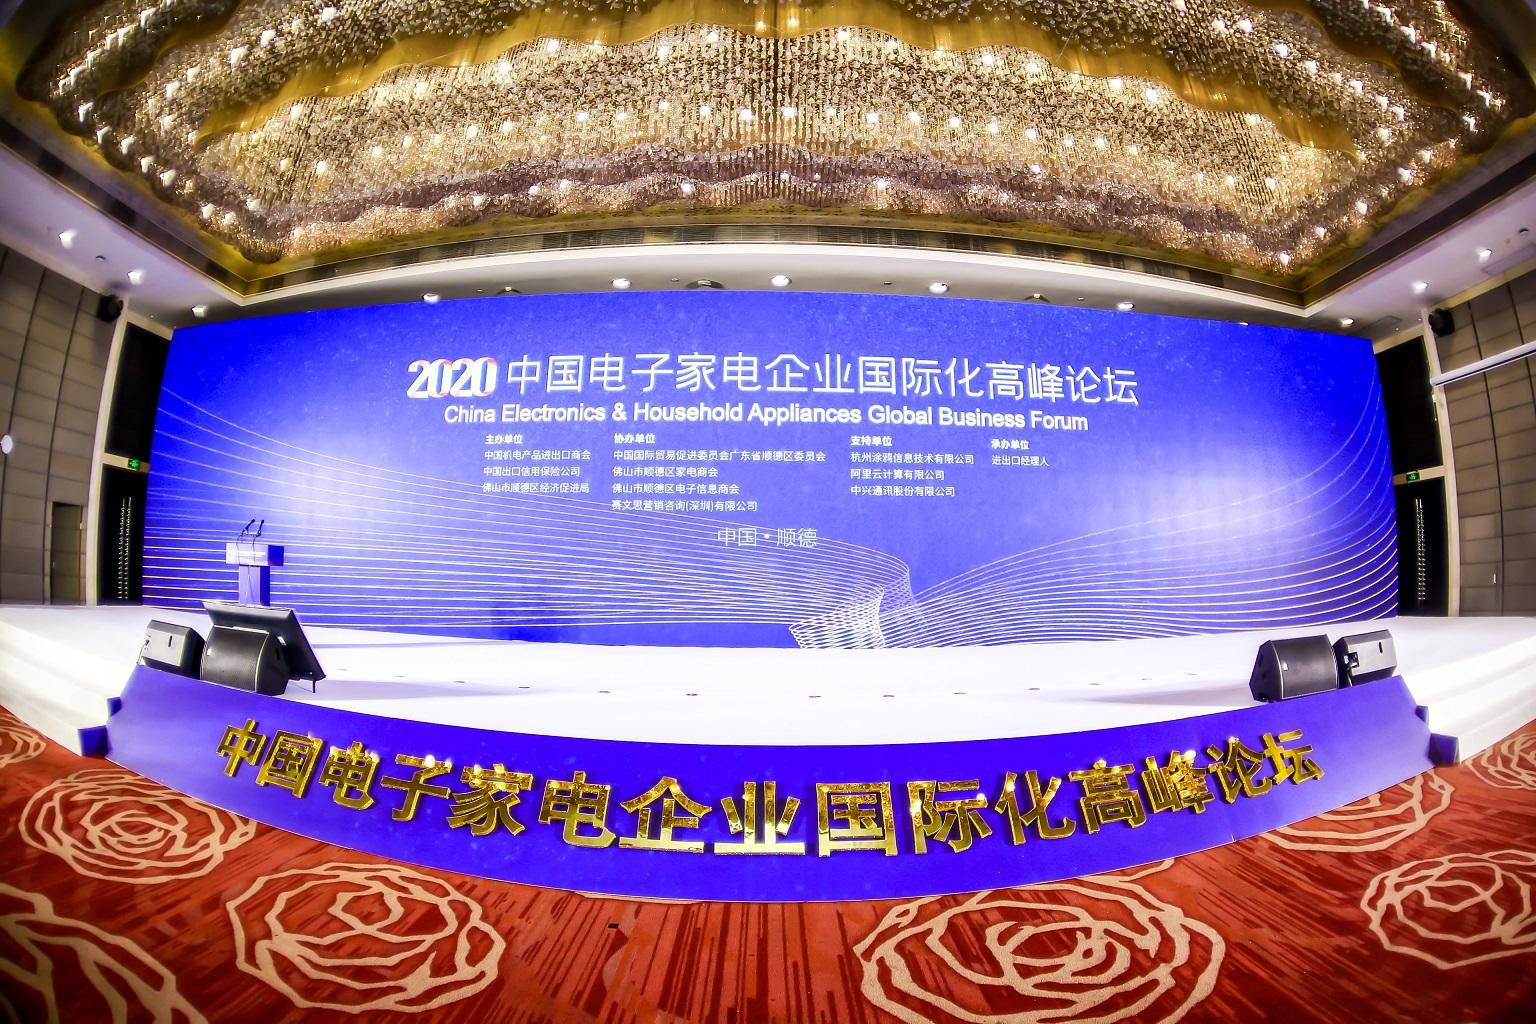 2020年中国电子家电企业国际化高峰论坛暨中国电子家电出口百强发布仪式在广东顺德成功举办